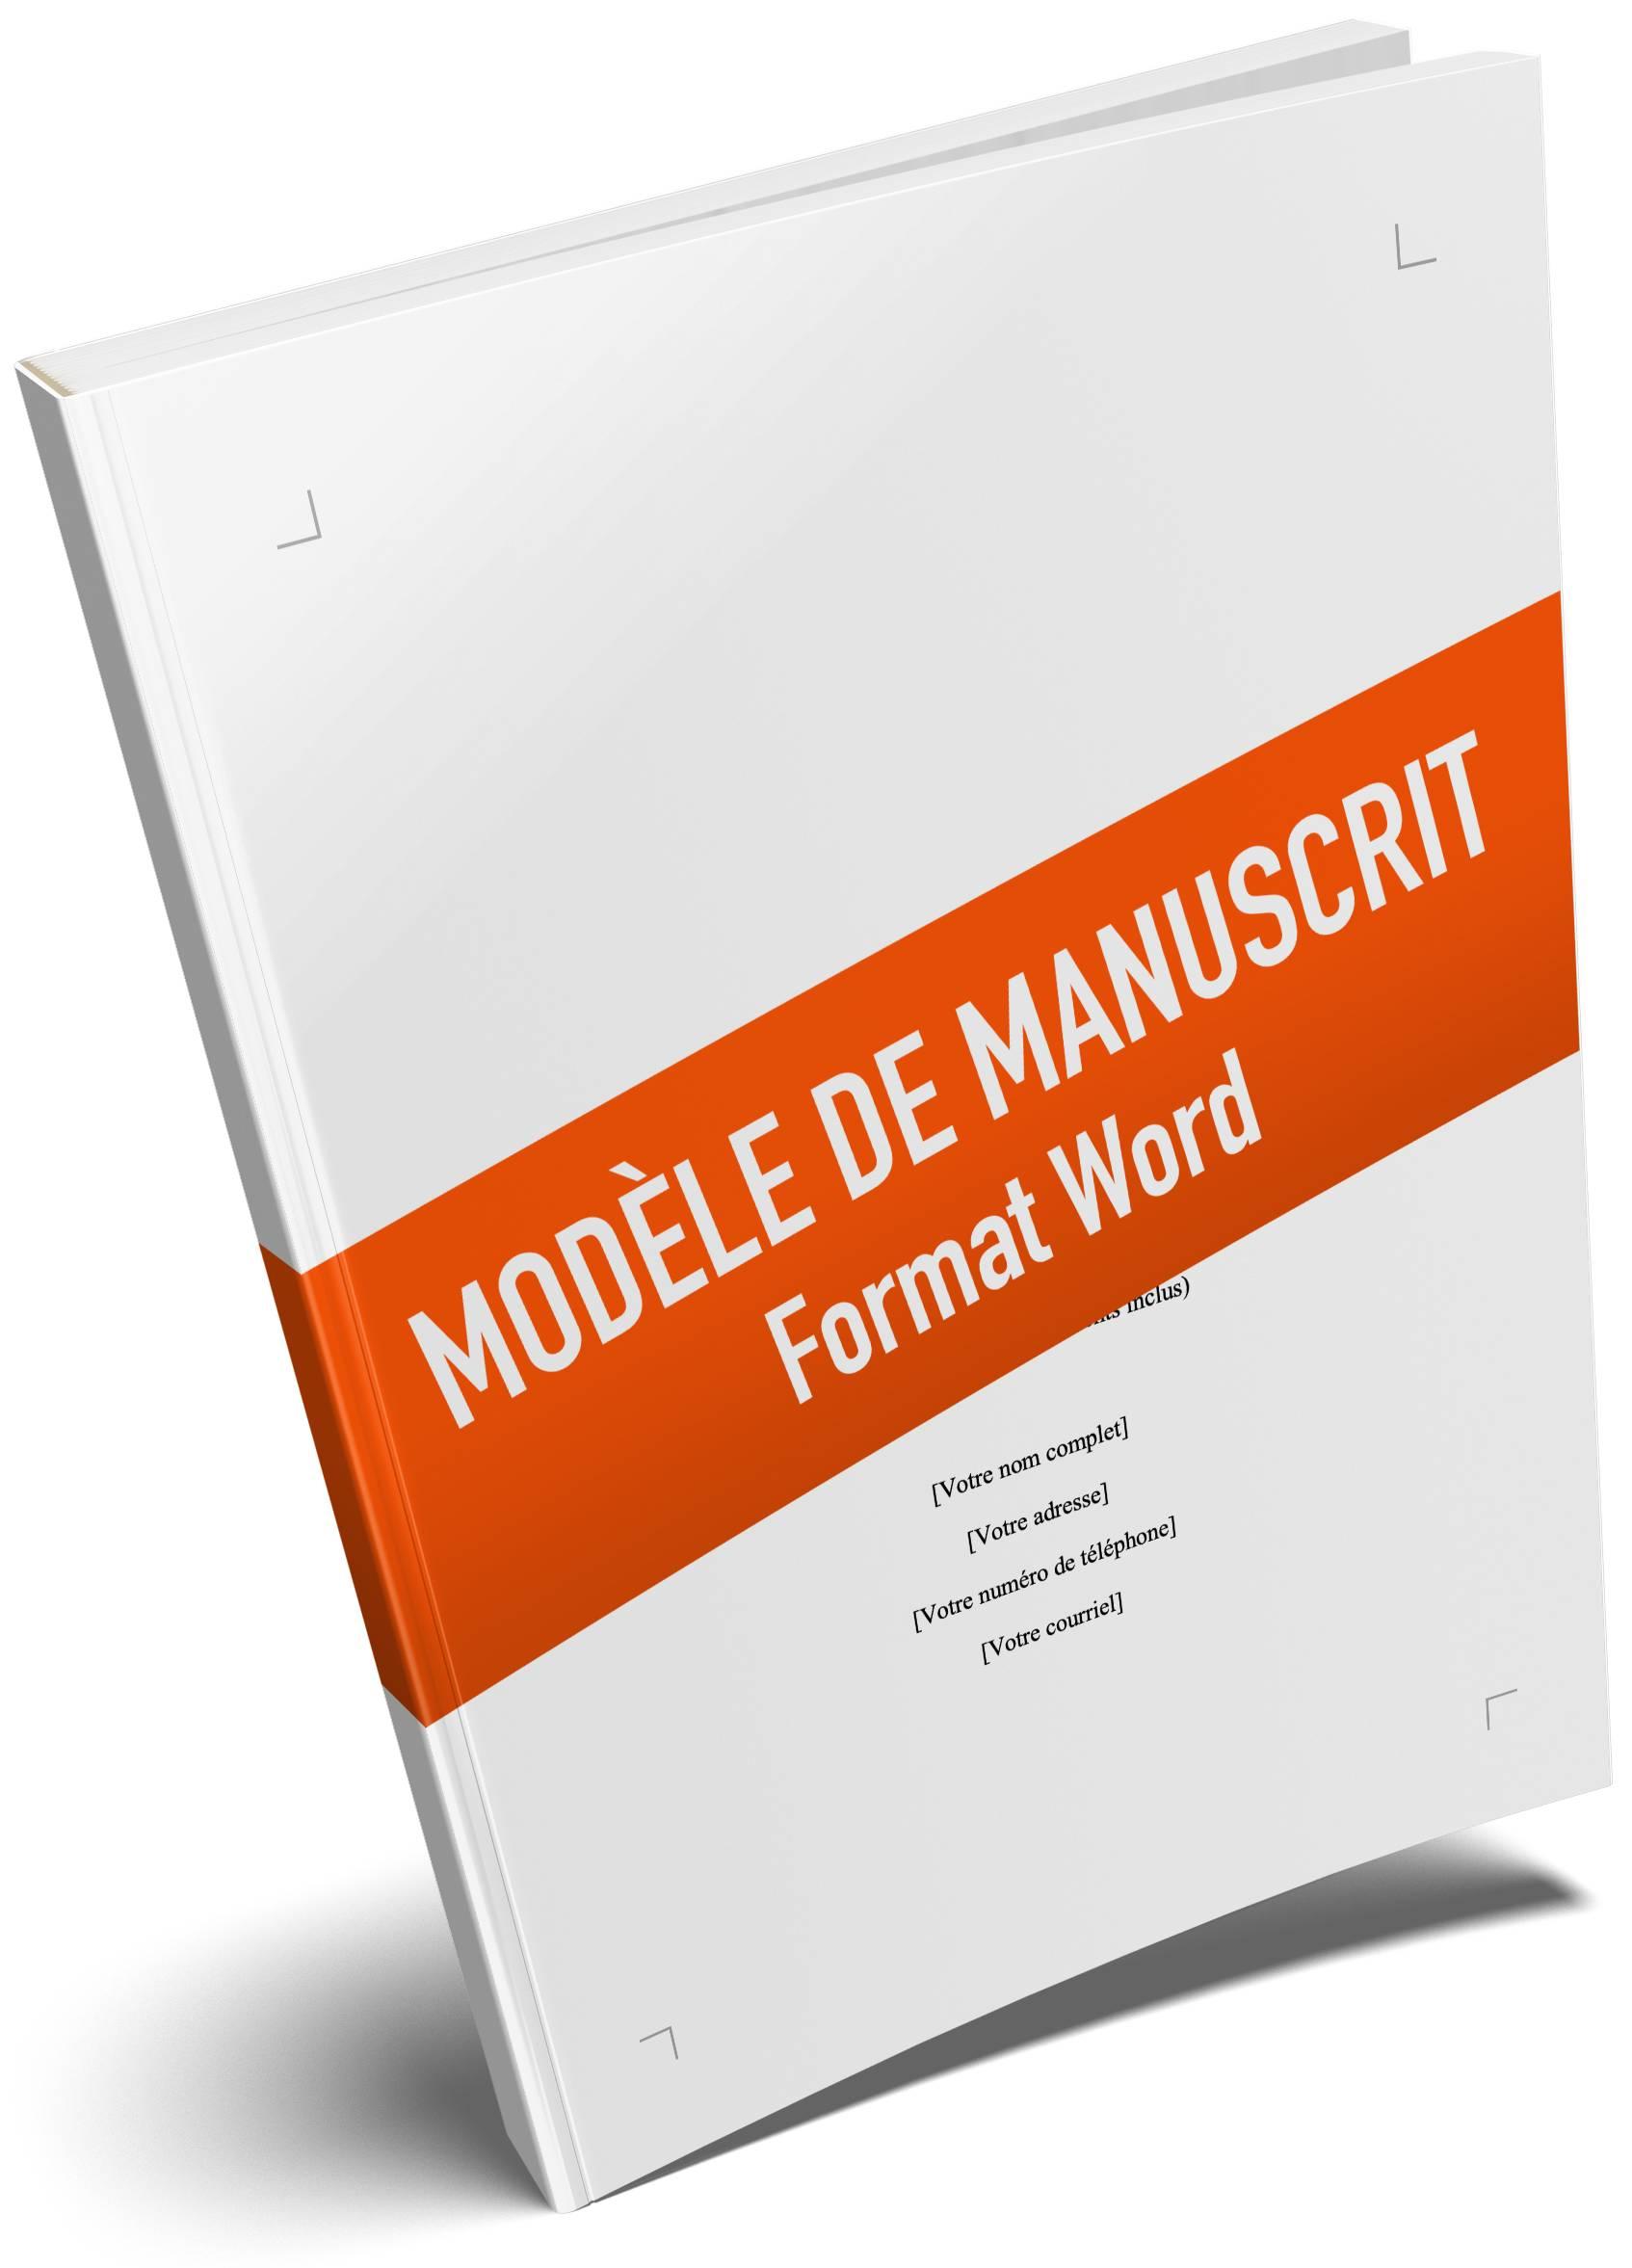 Modèle de manuscrit format Word